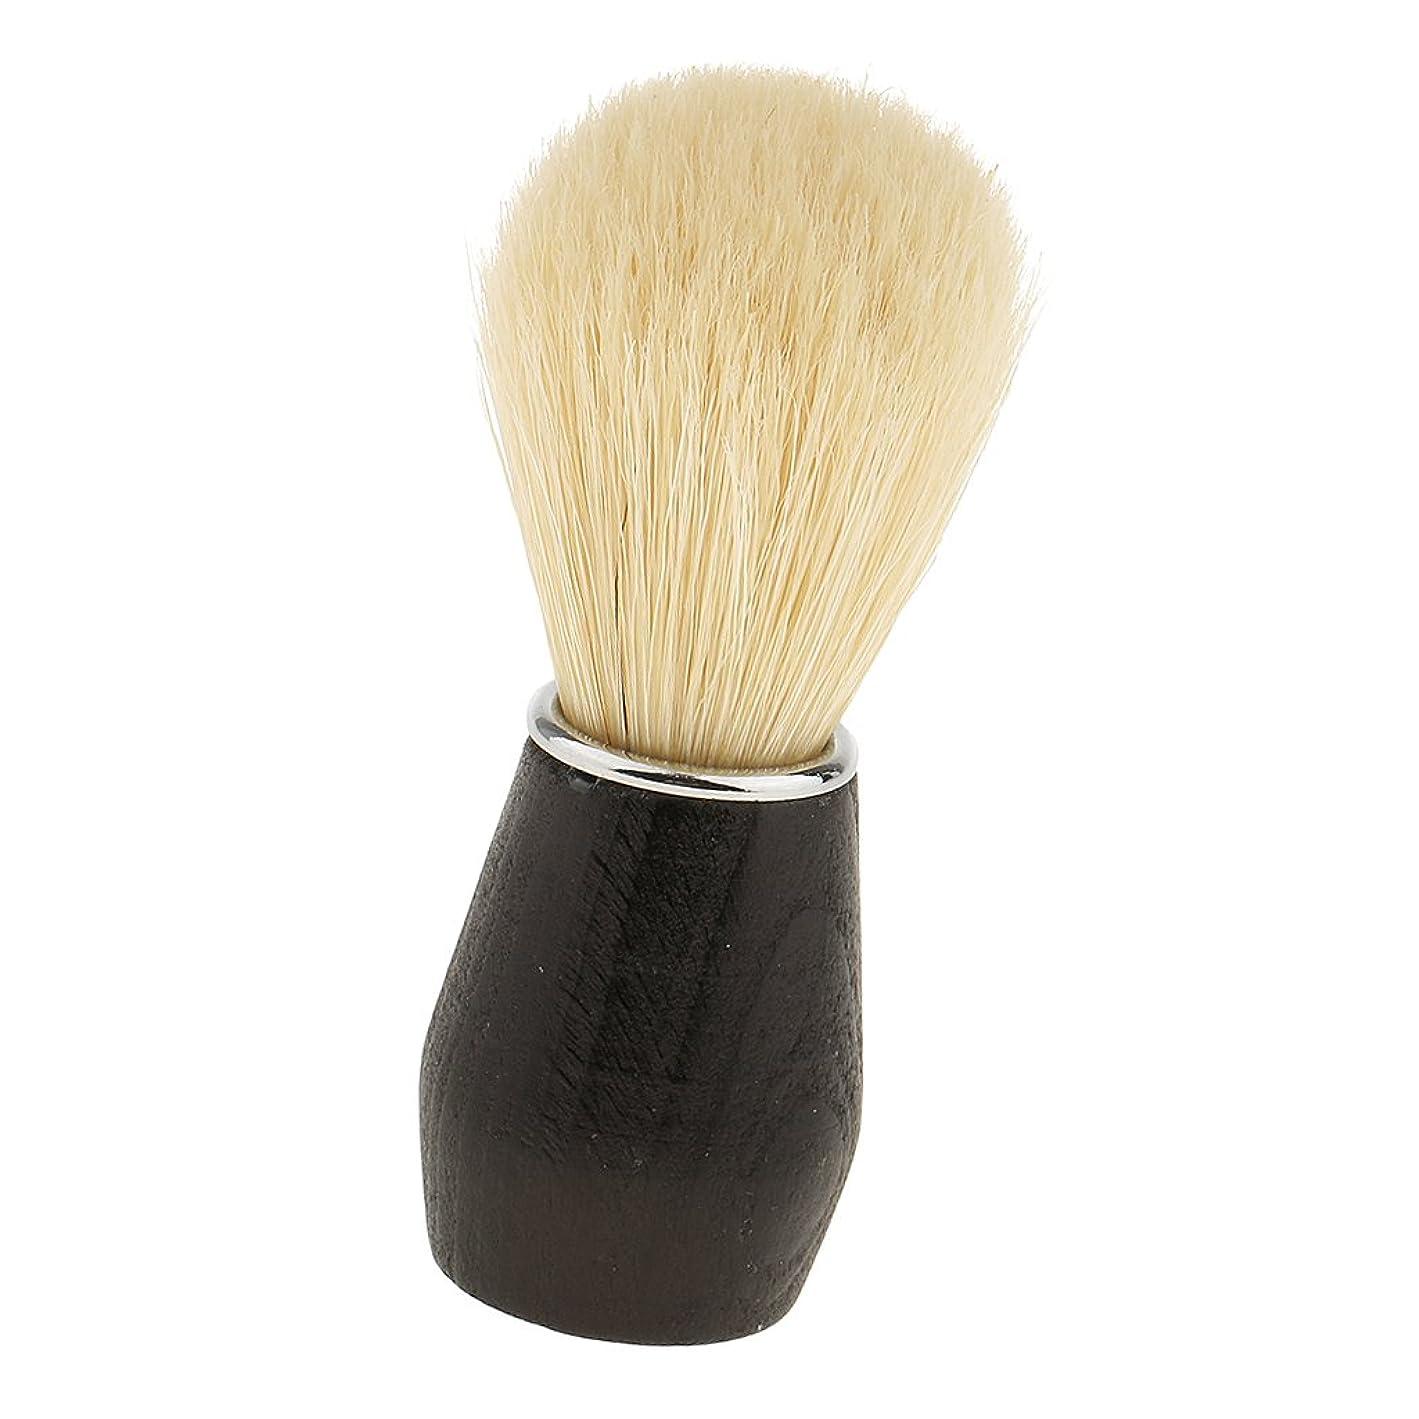 どちらかゴミ箱実験Baosity 父のギフト ソフト 実用的 プロフェッショナル バーバーサロン家庭用 ひげ剃りブラシ プラスチックハンドル フェイシャルクリーニングブラシ ブラック